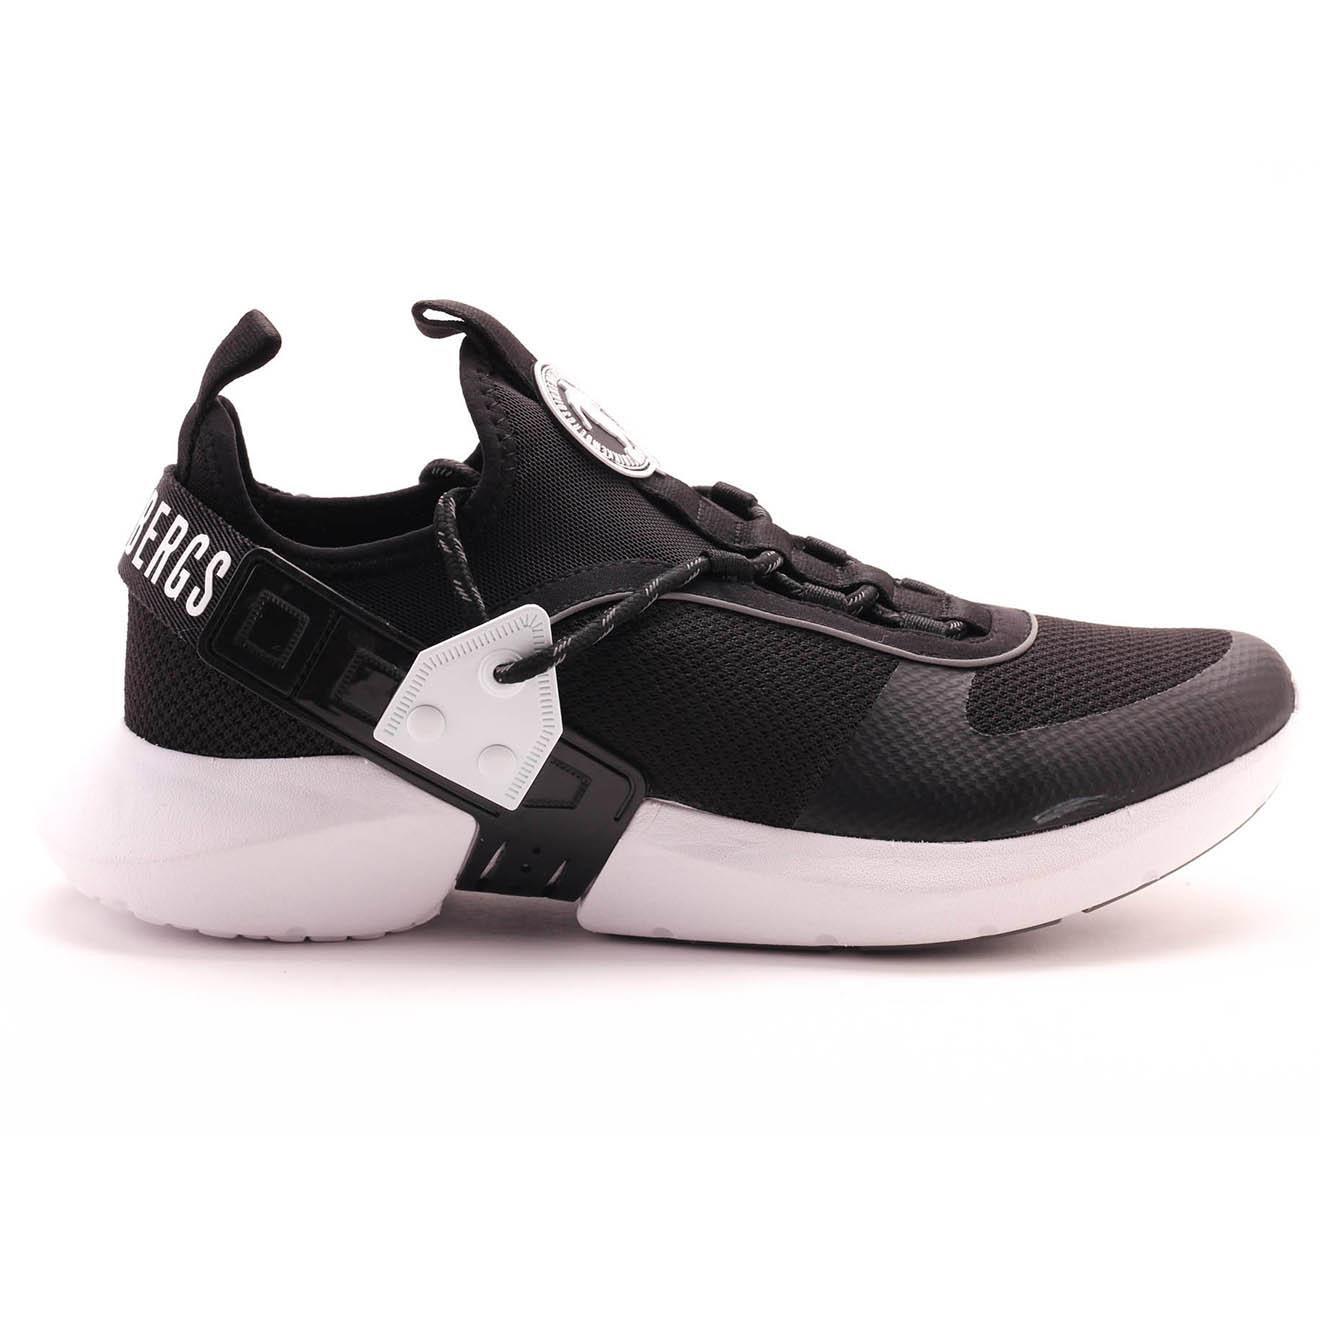 Sneakers Gregg noires - Bikkembergs - Modalova